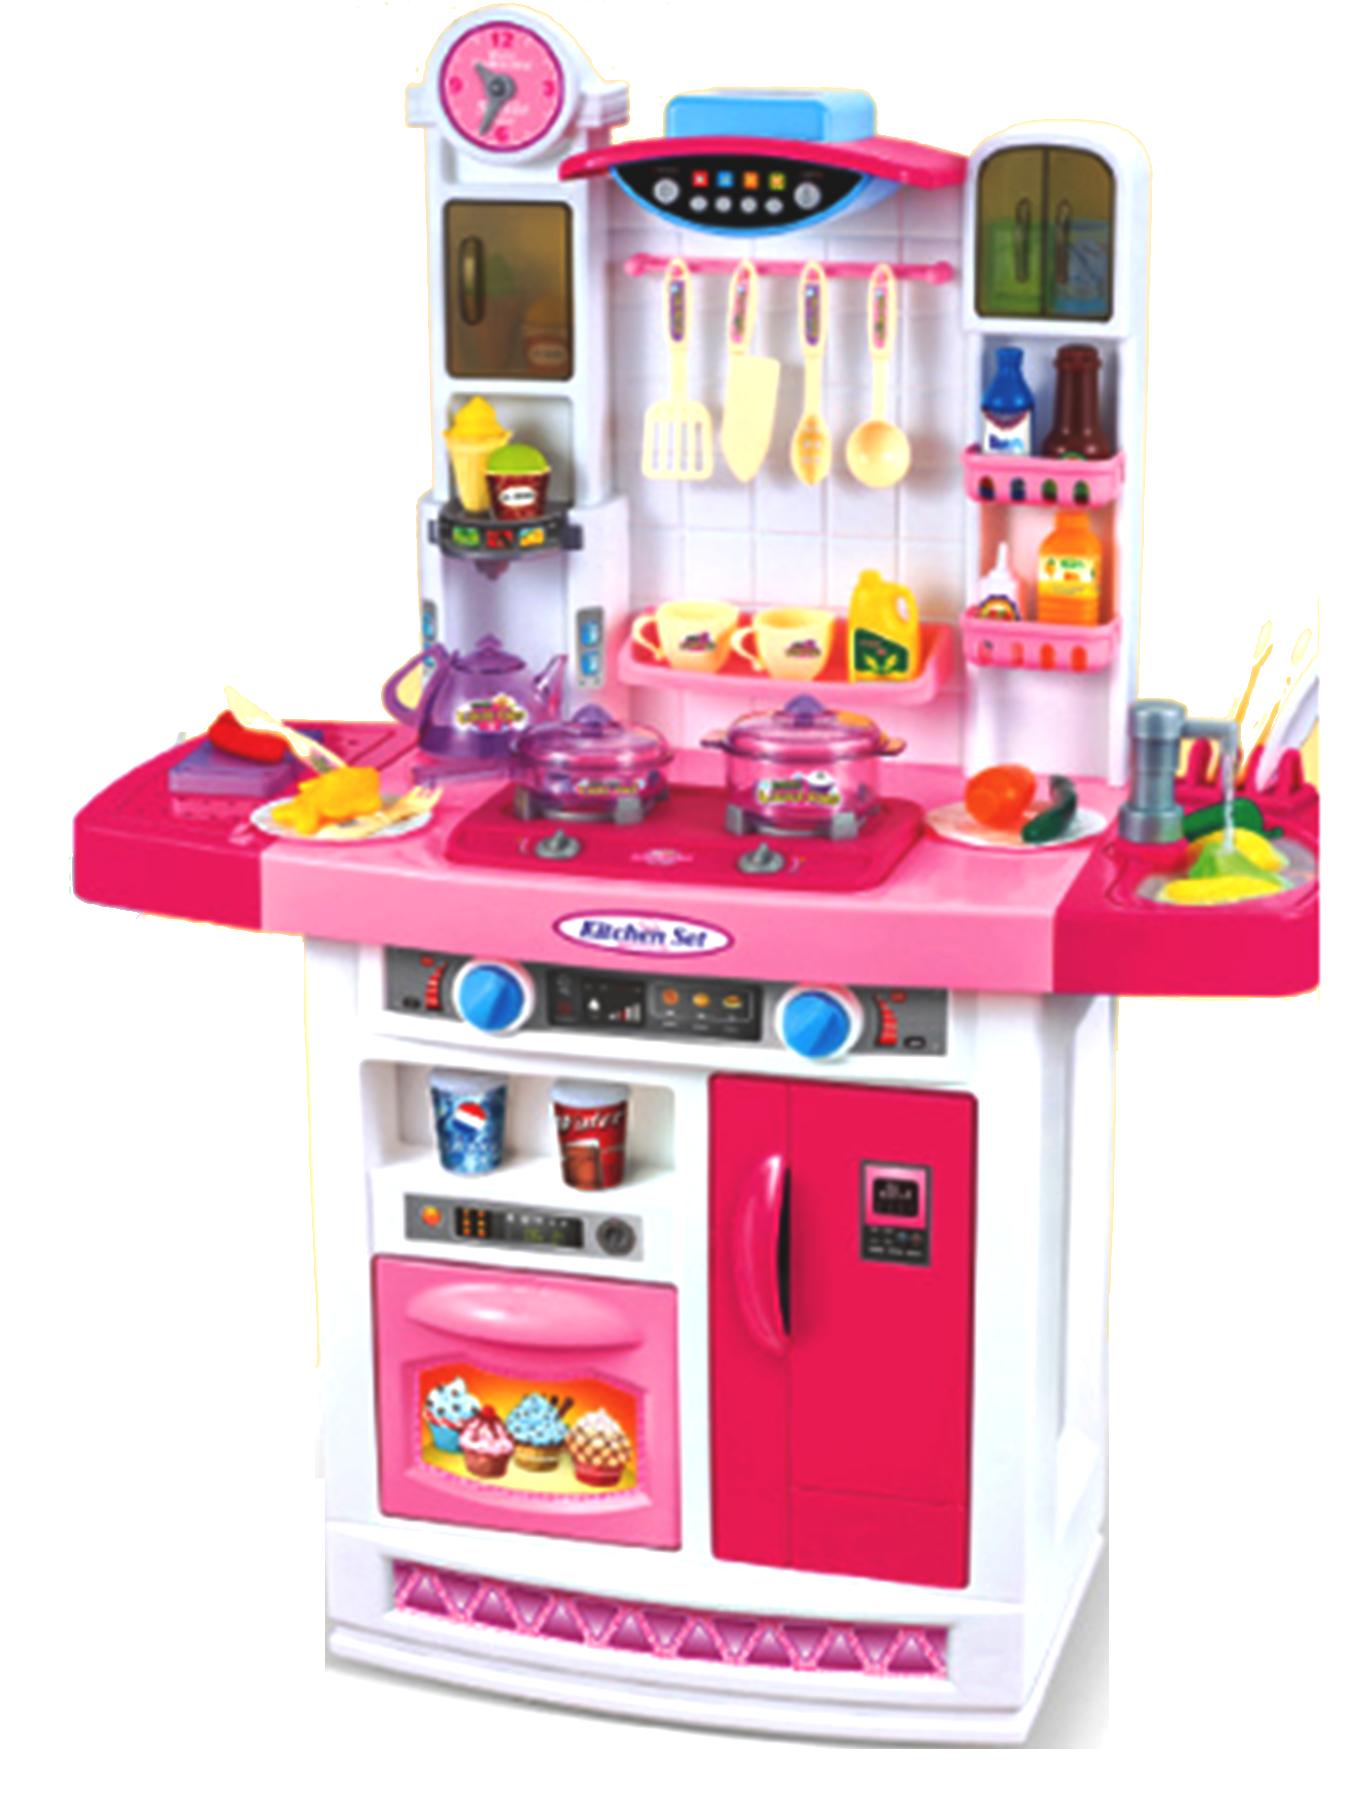 Wielka Kuchnia Dla Dzieci Dziewczynki Chłopca Kran Okap Lodówka Kuchenka Zabawkowa Akcesoria Garnki 798b